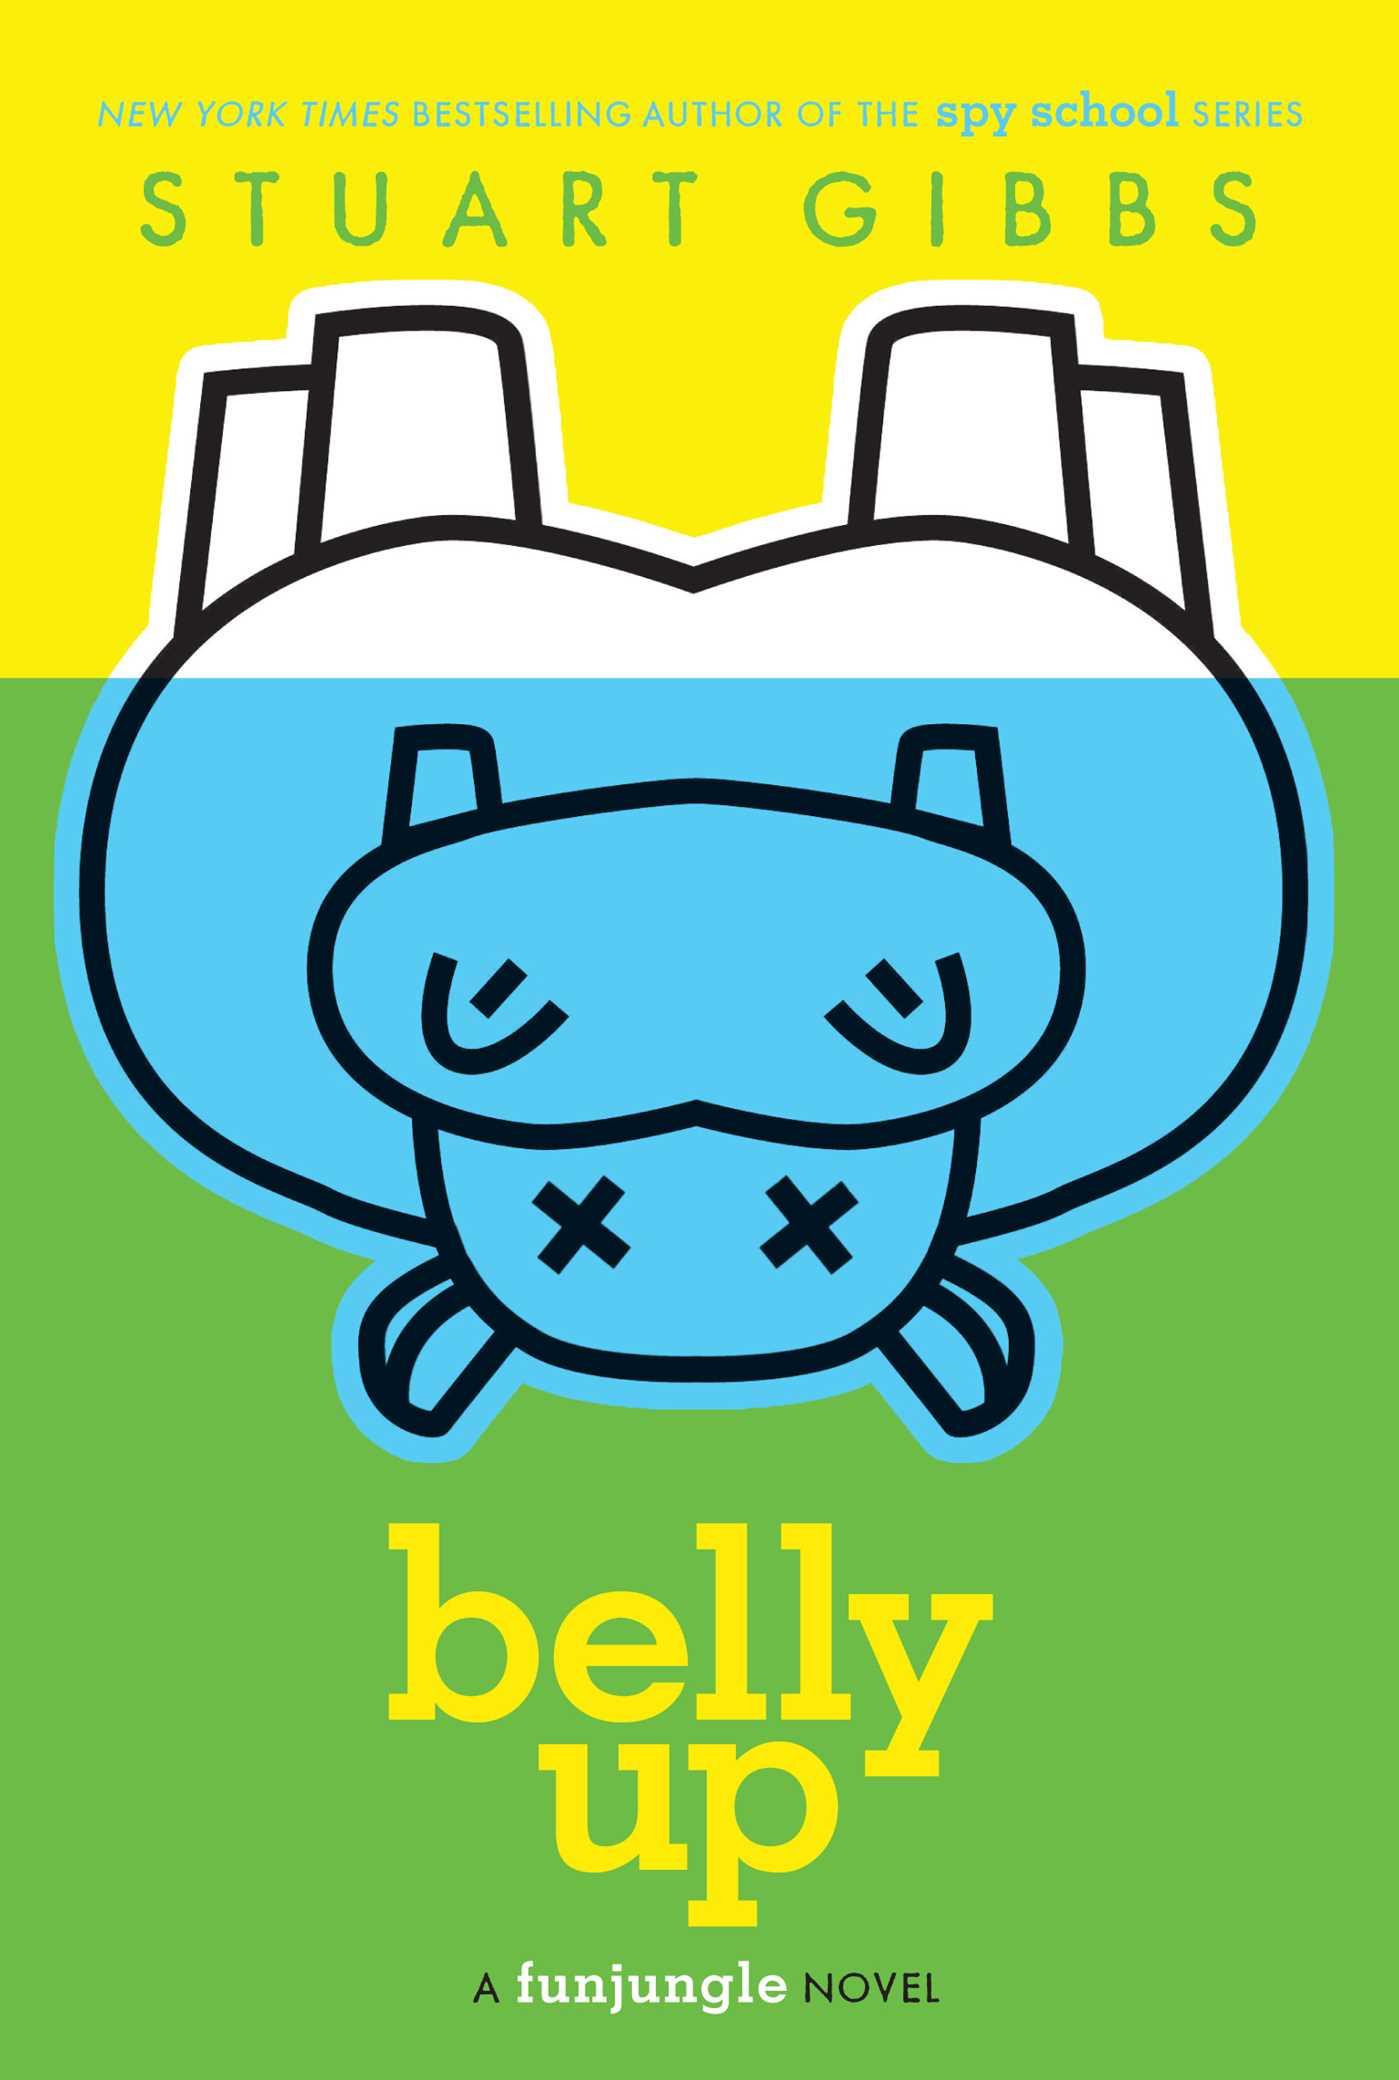 Belly up 9781416987321 hr